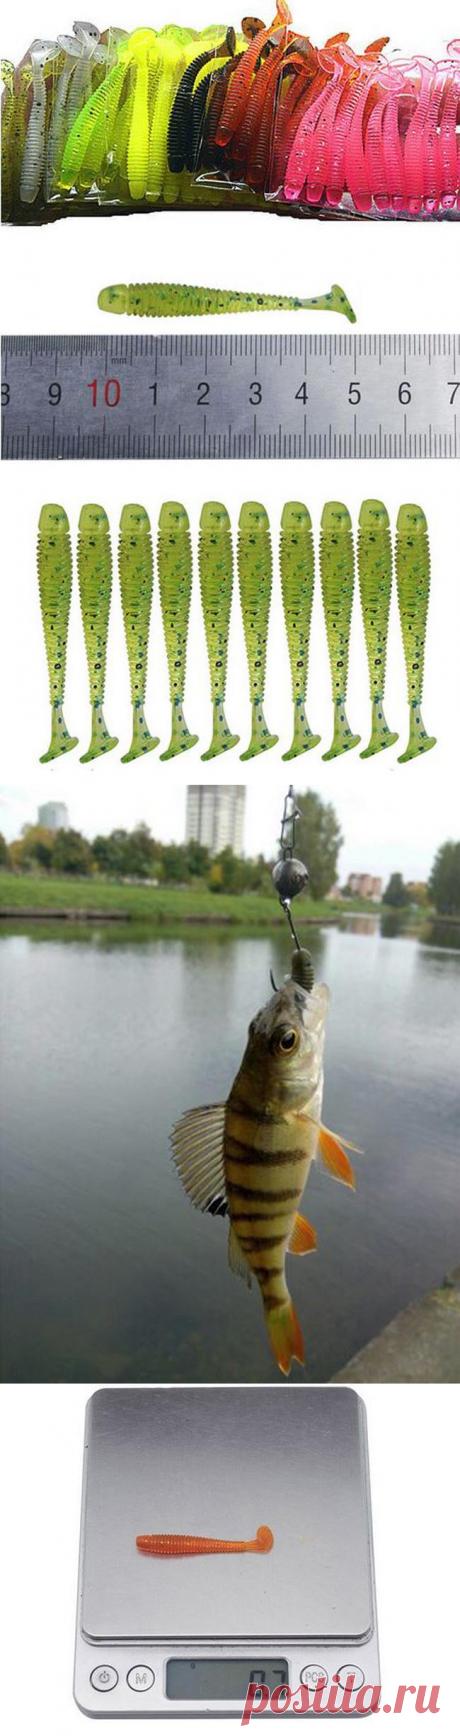 Мягкая силиконовая рыболовная приманка «Proleurre» с Алиэкспресс   Super-Blog